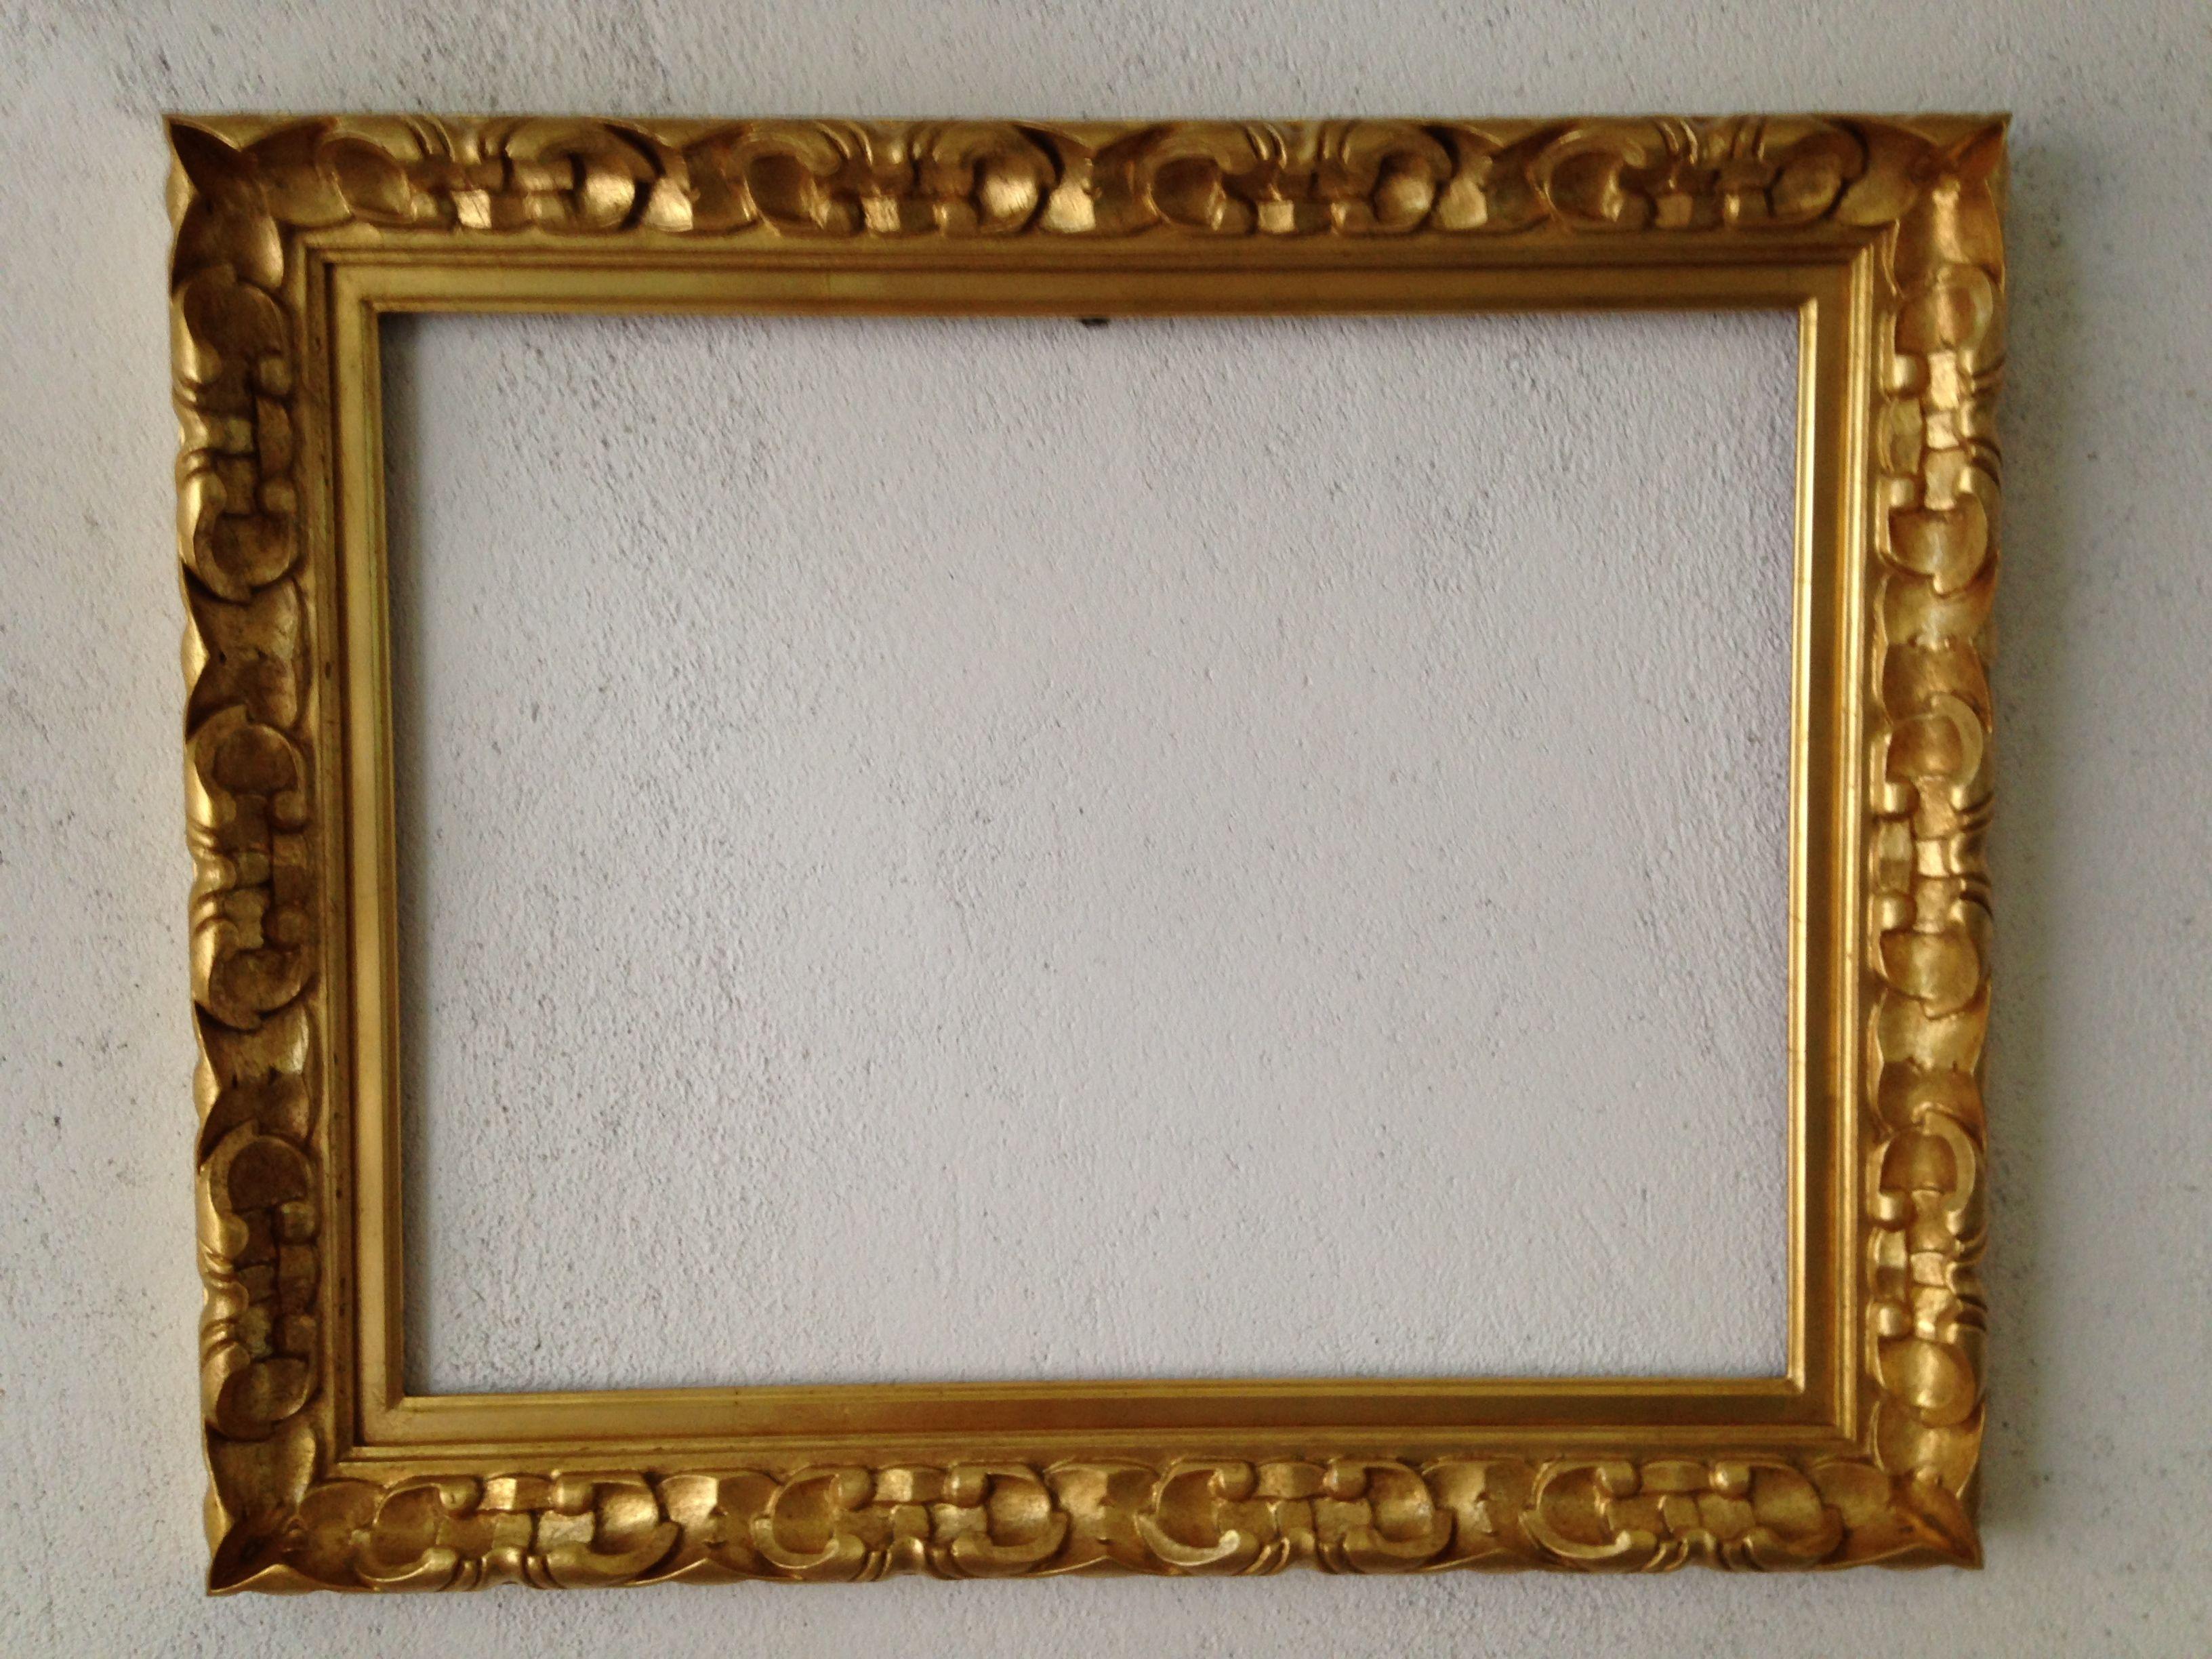 Marco barroco tallado dorado en pan de oro al agua marco for Espejo marco dorado